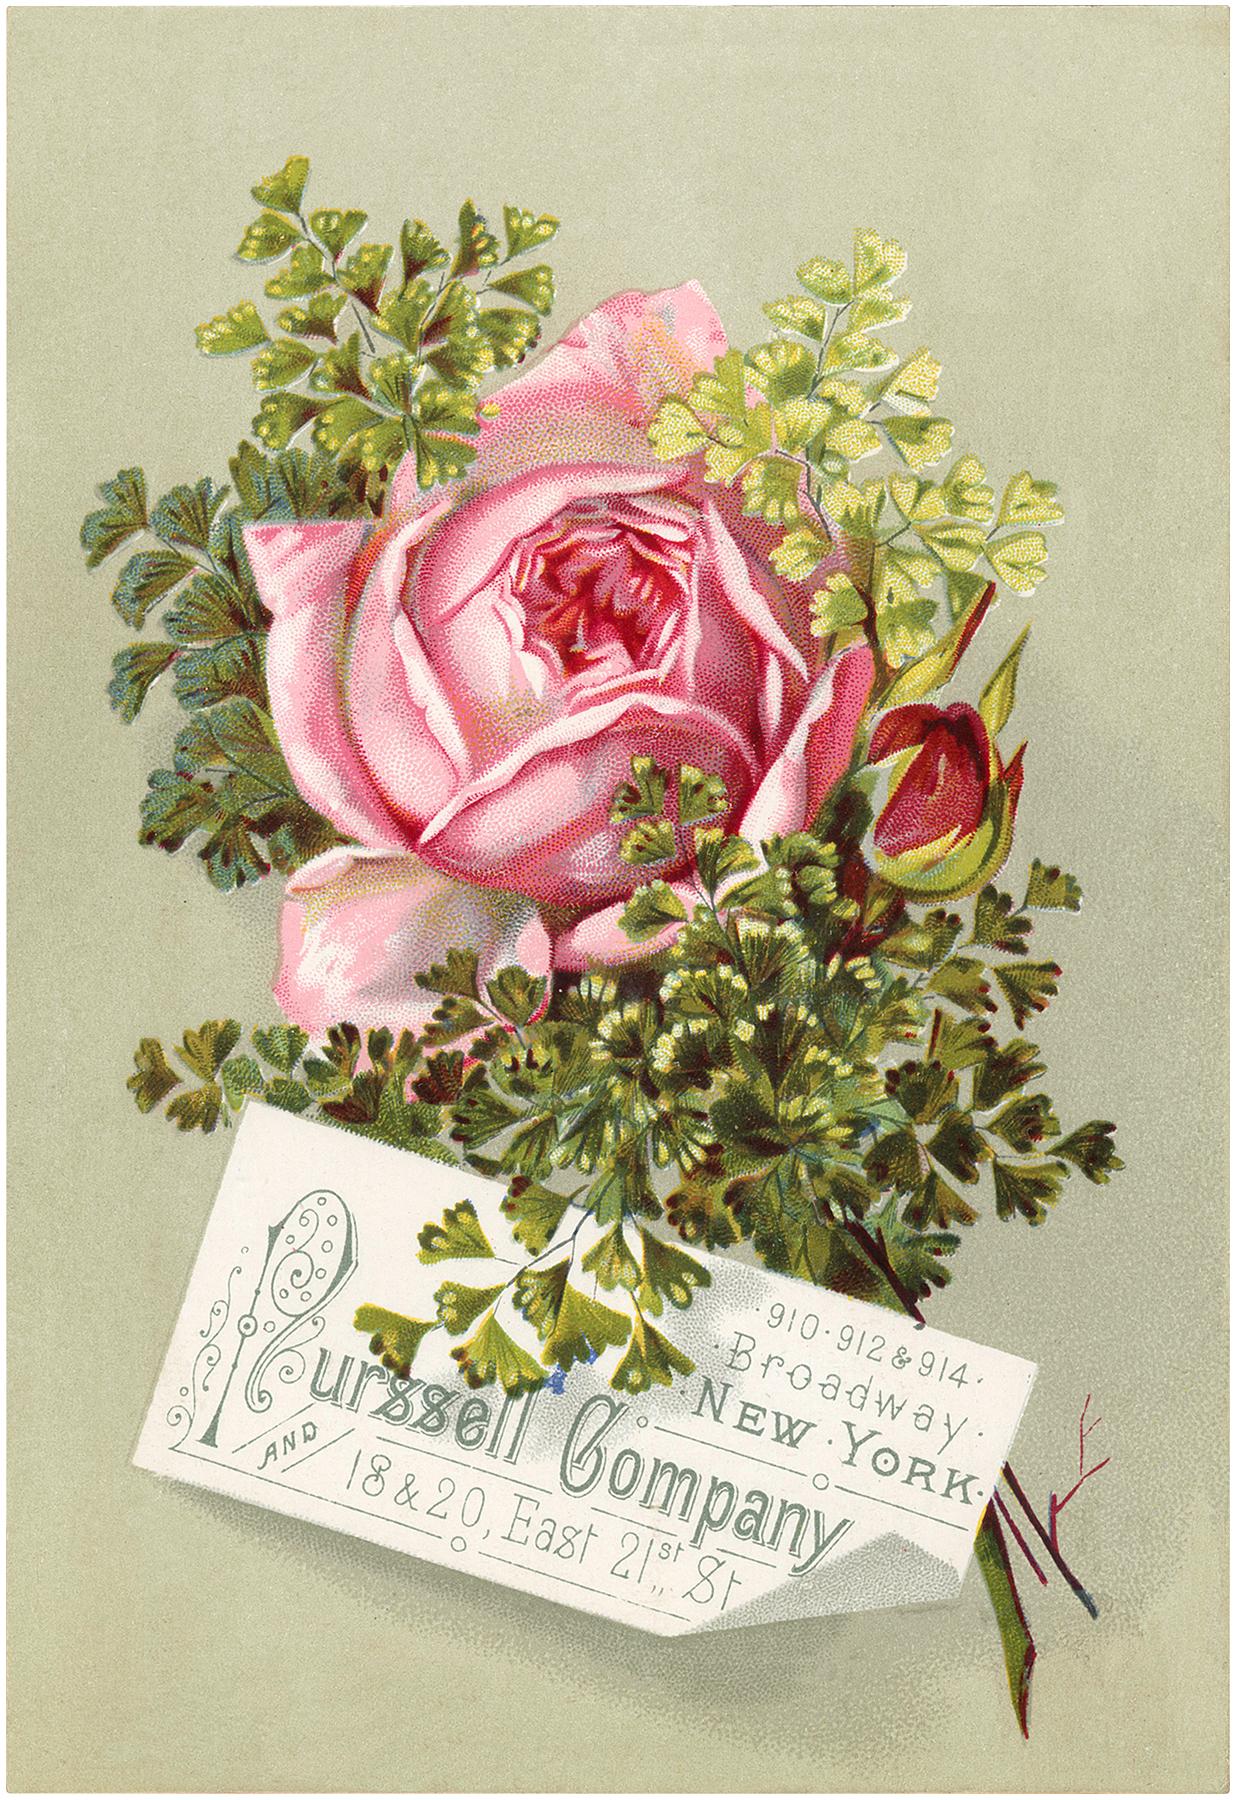 Vintage Pink Rose Image